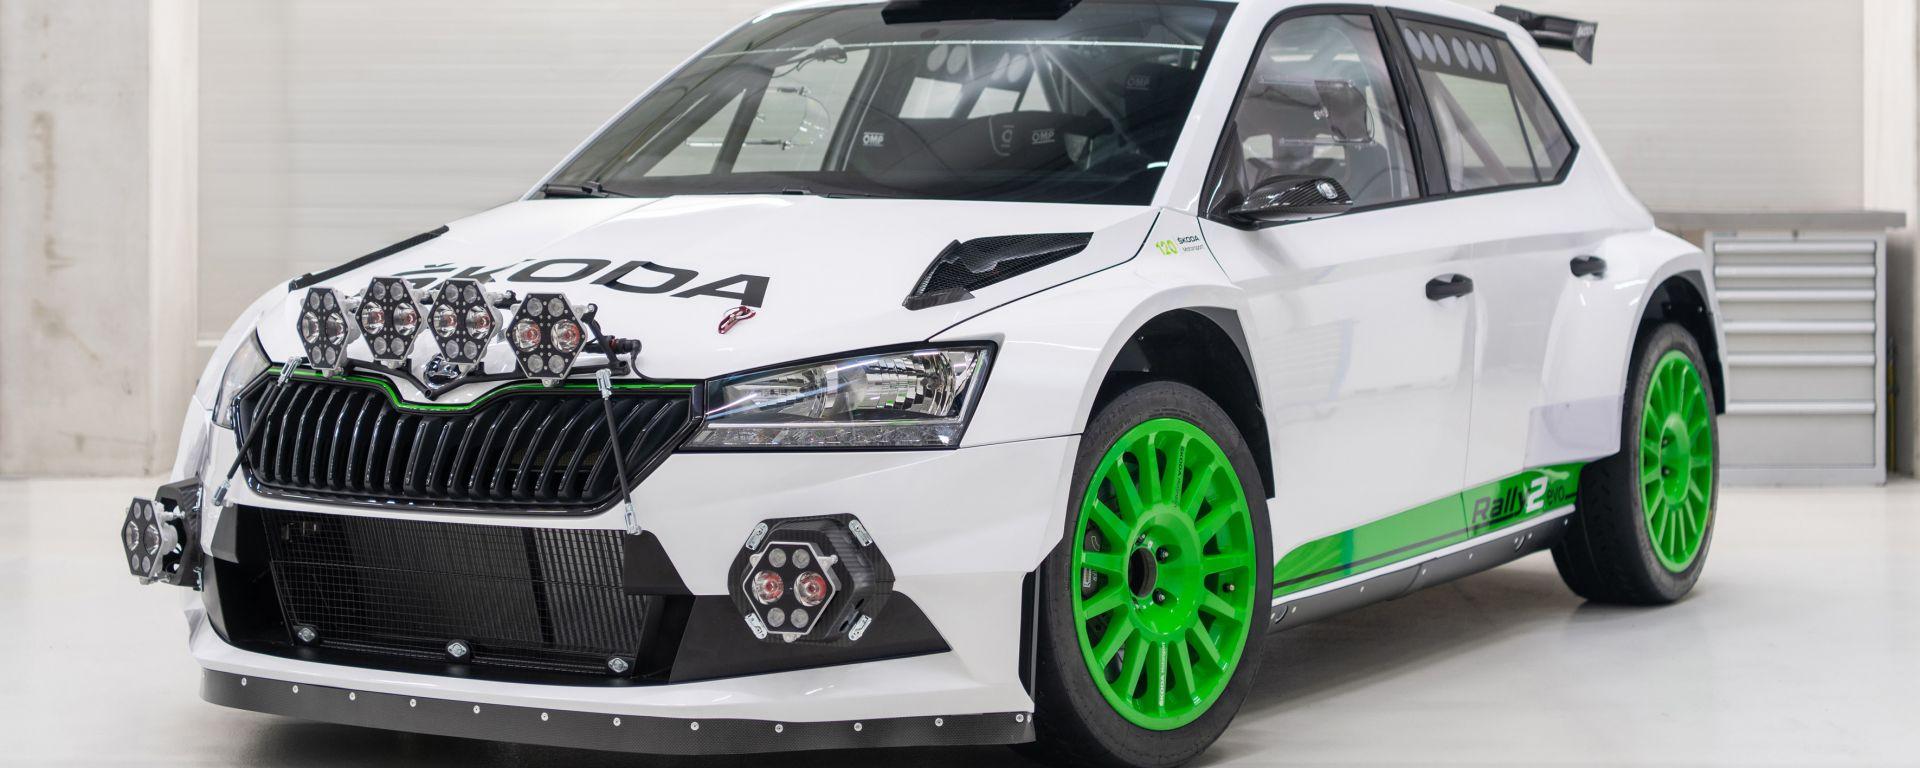 Skoda Fabia Rally2 evo 2021: frontale